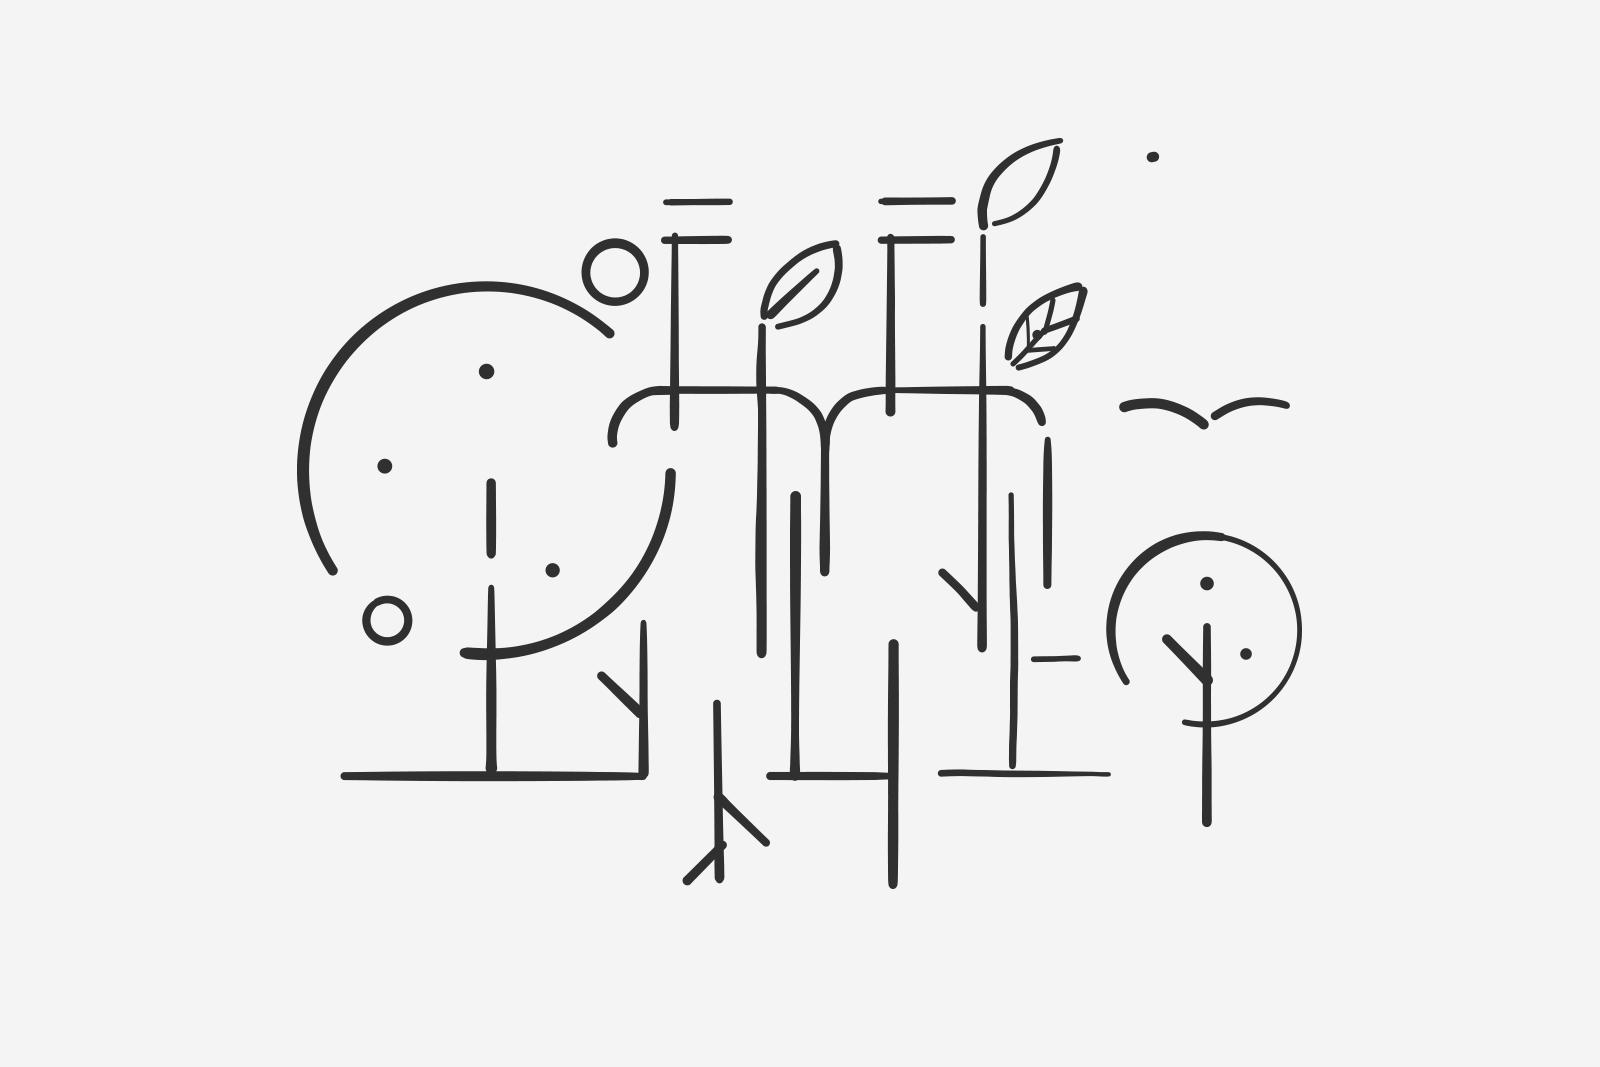 arboretum_illustration_bottles.png